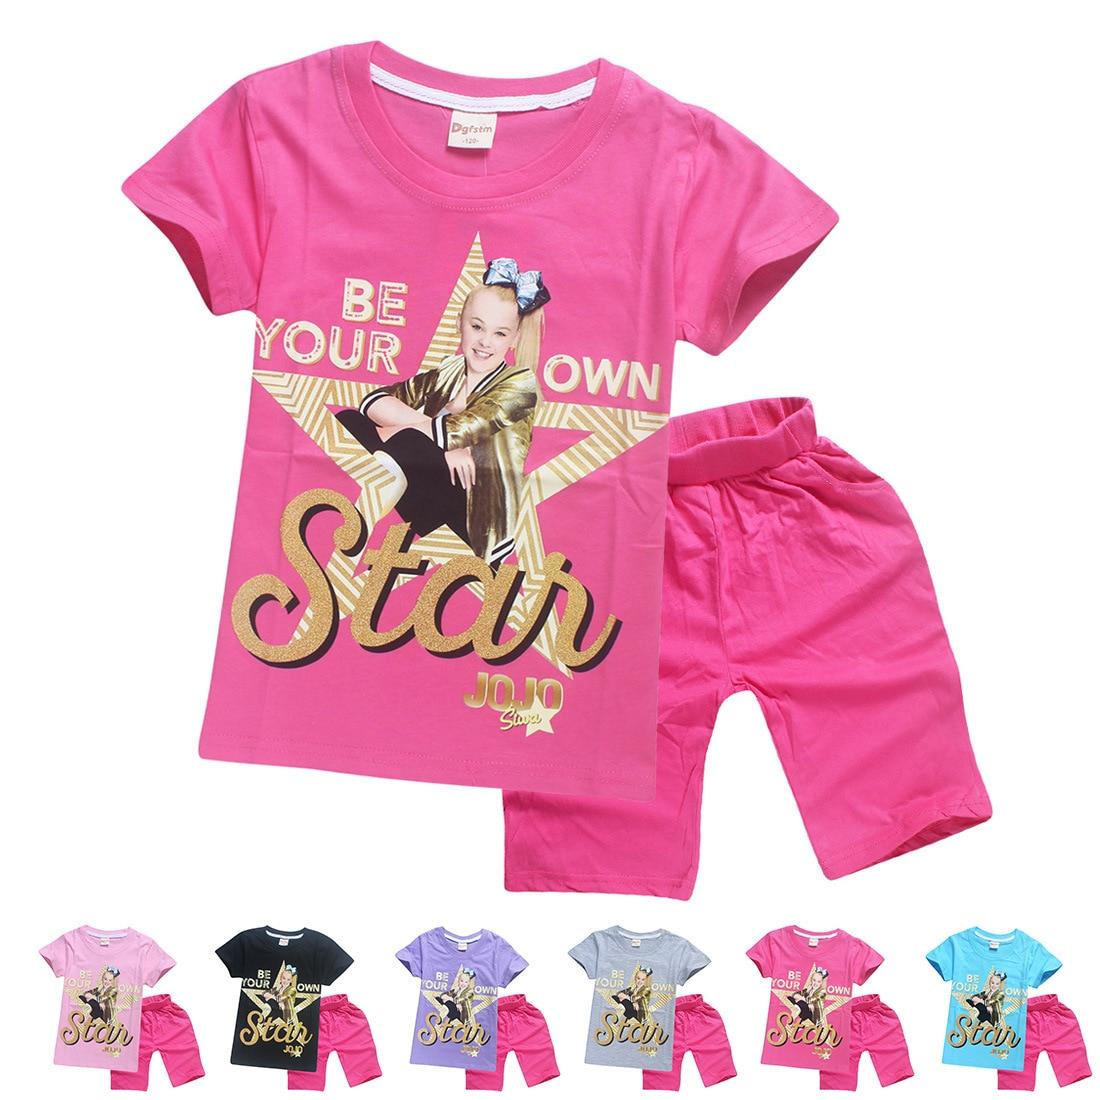 JOJO SIWA/розовые детские футболки хлопковые футболки для маленьких девочек комплекты с короткими рукавами для мальчиков и девочек футболки